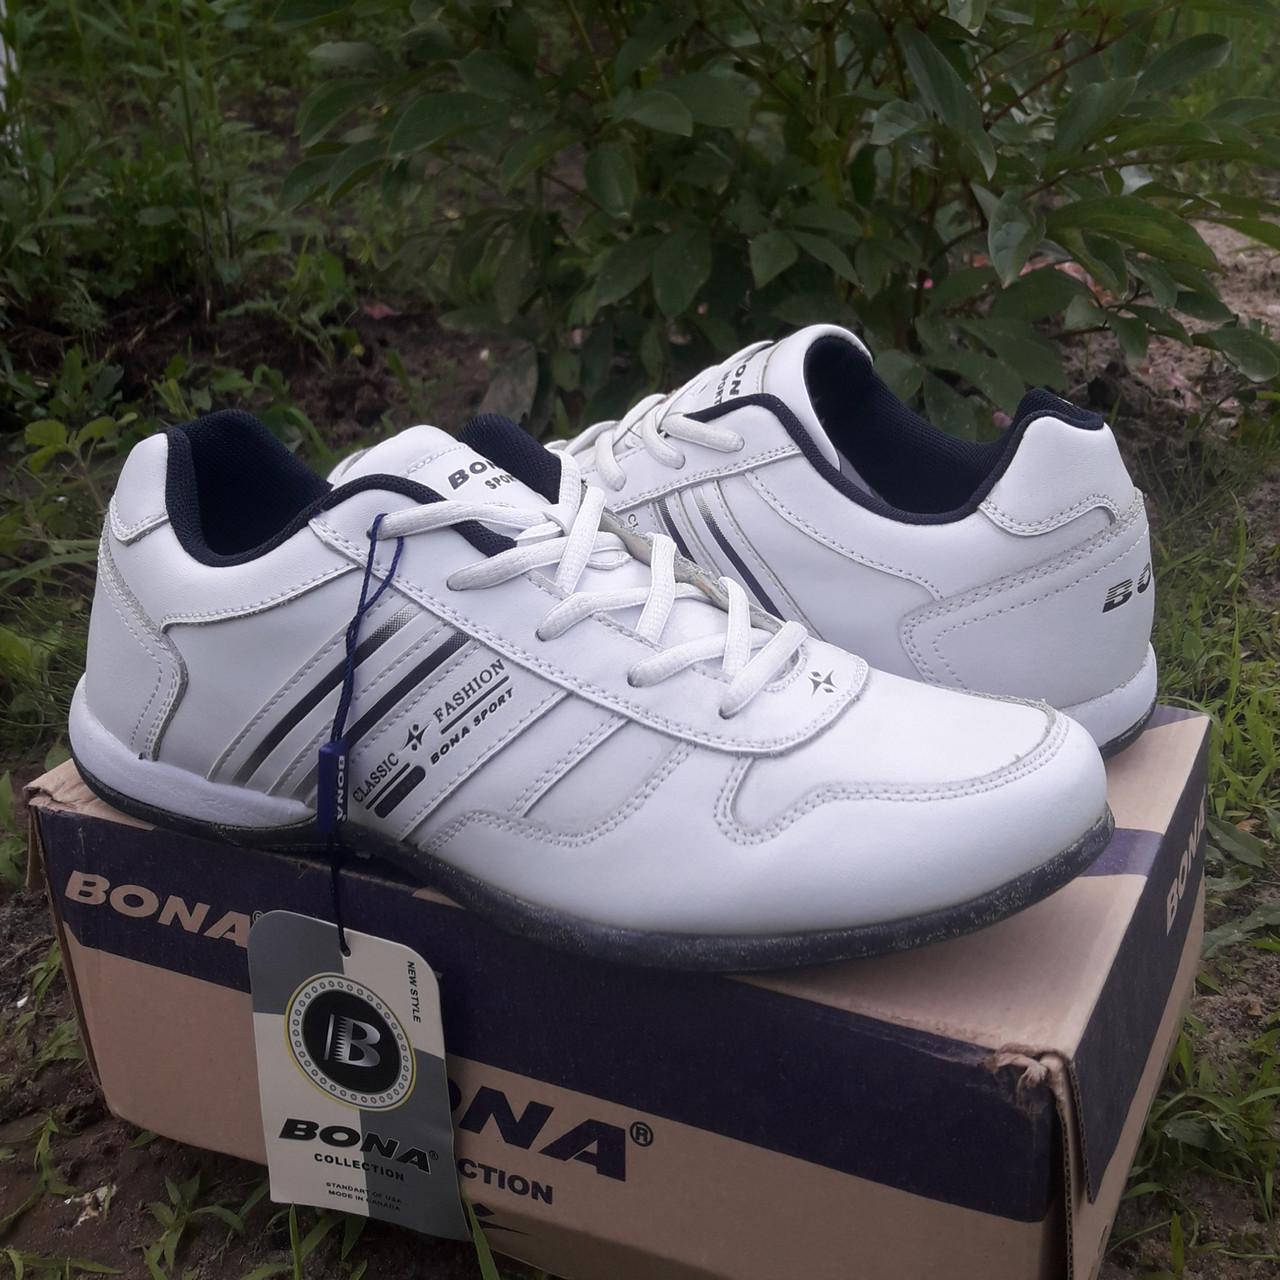 Кросівки шкіряні Bona р. 43 білі